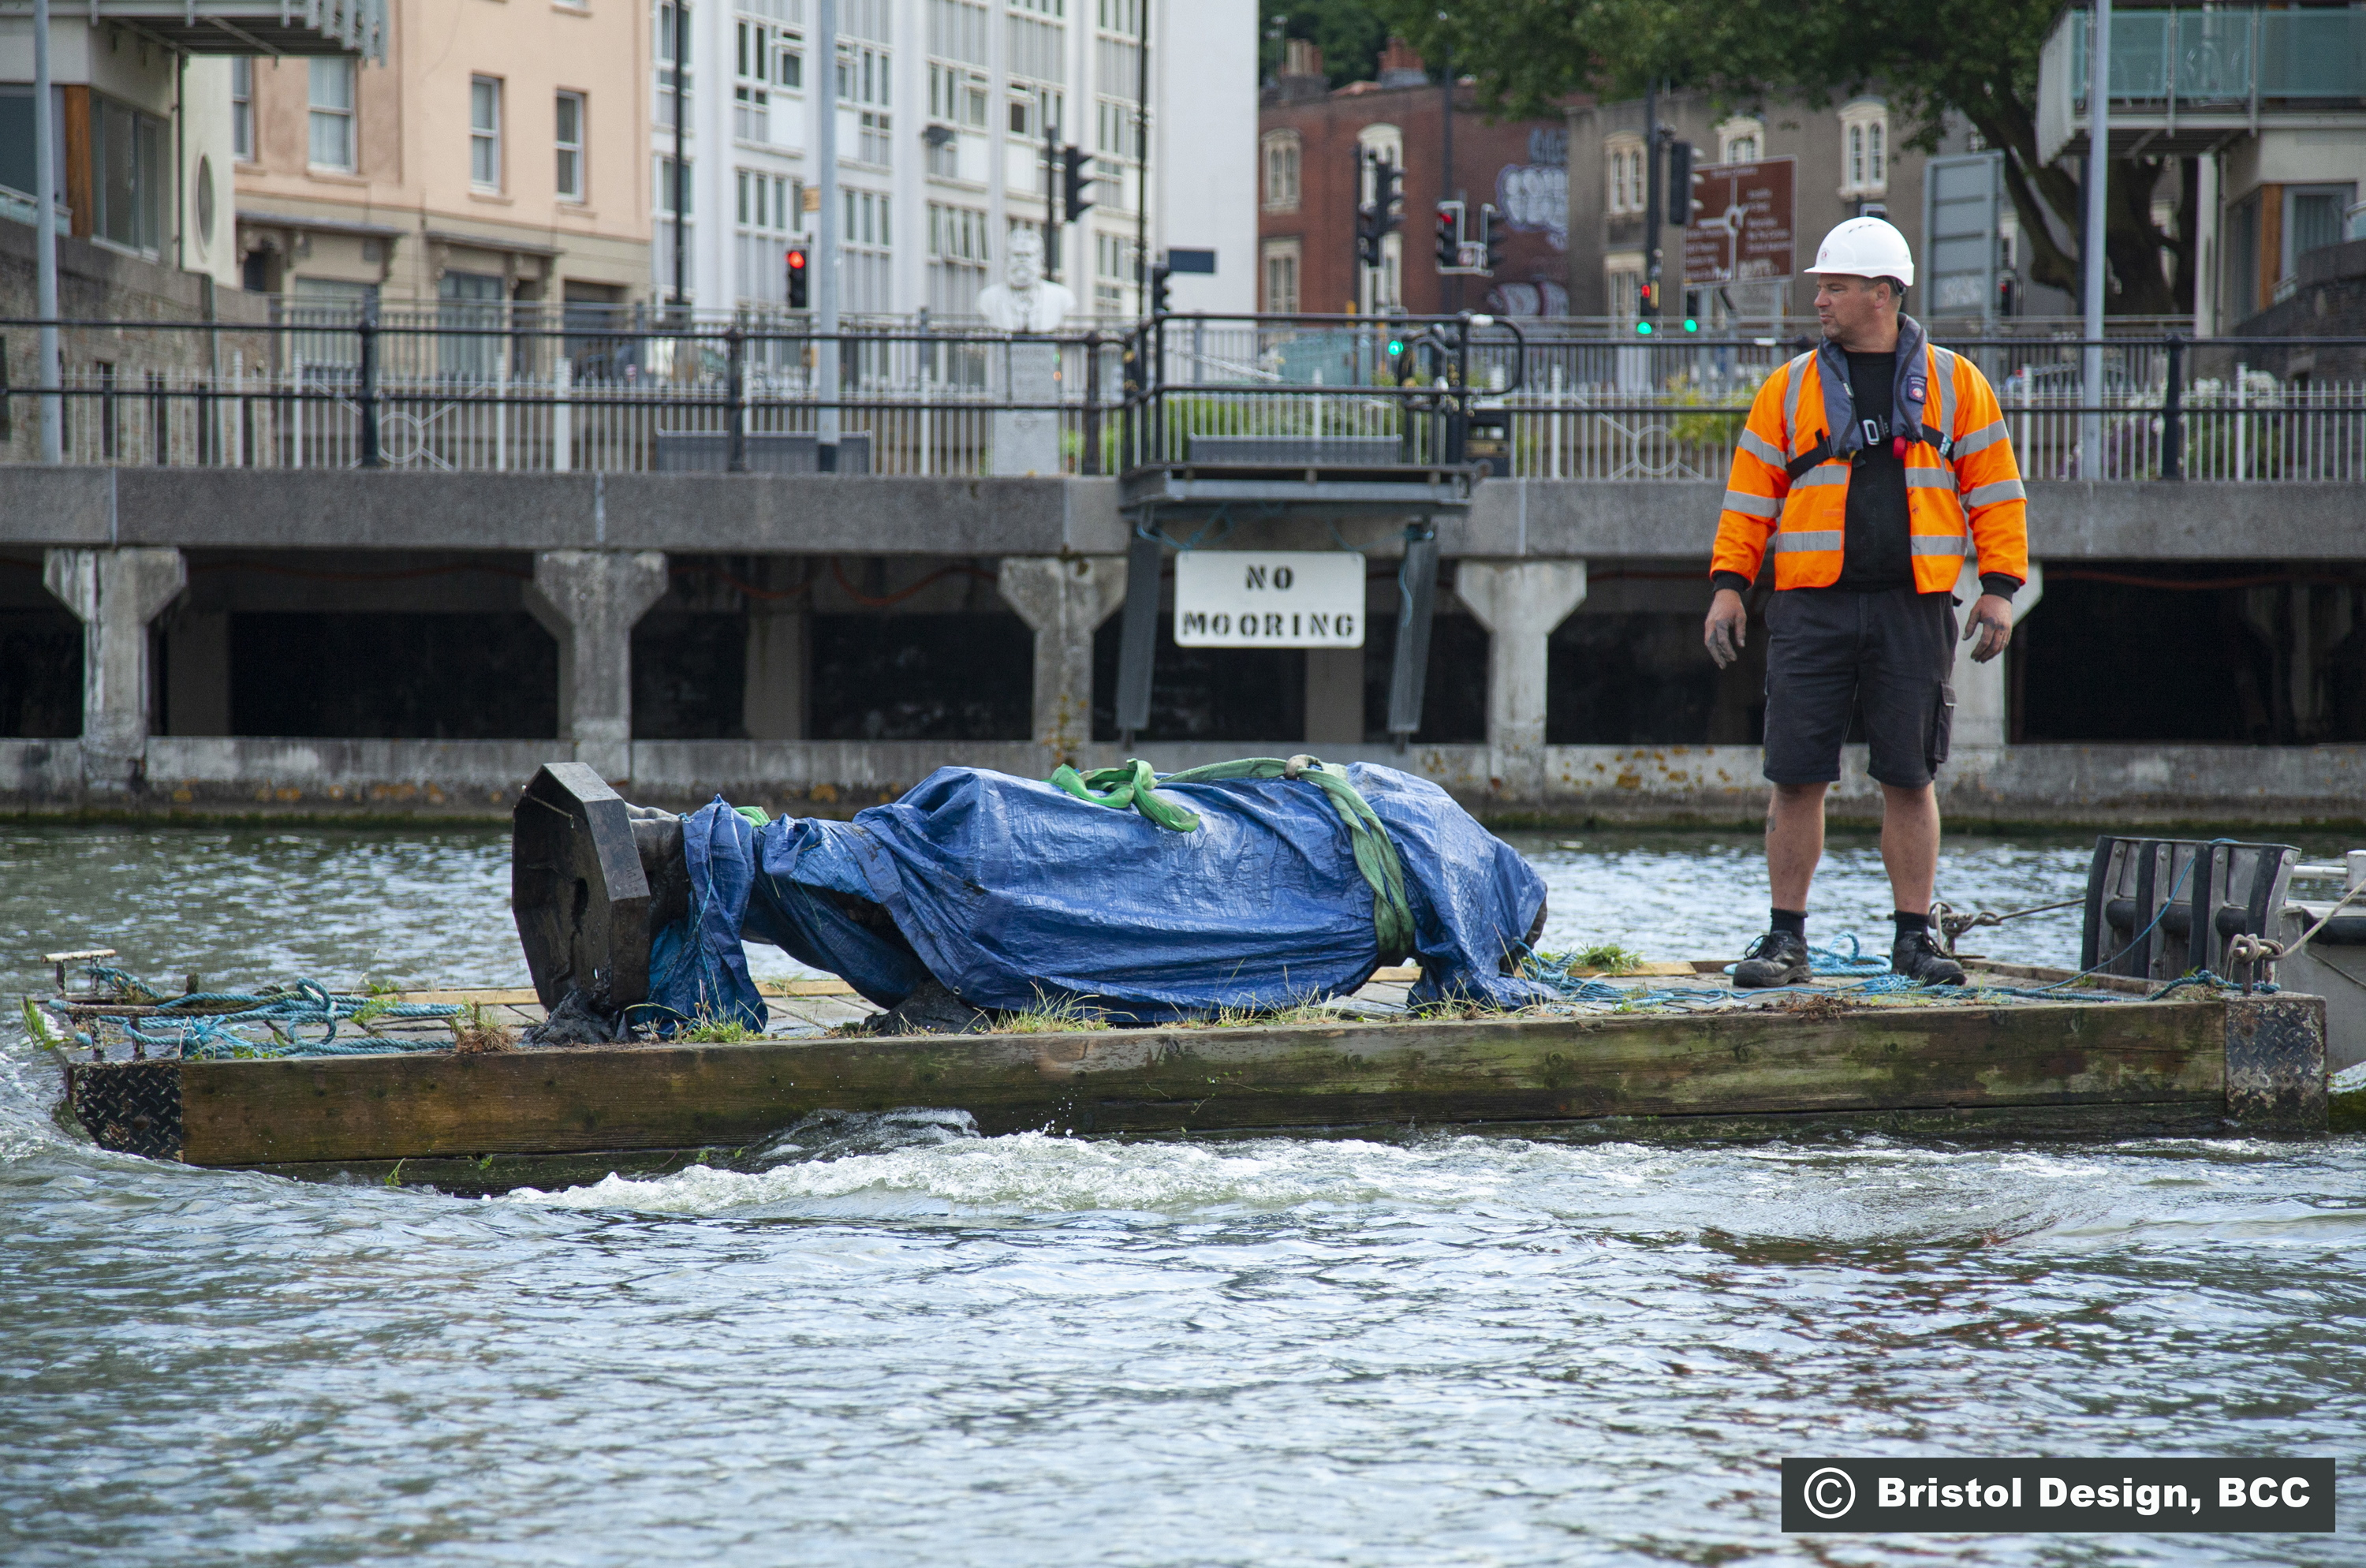 Съборени и изхвърлени в реката, запалени и покрити в графити. Протестиращи в САЩ и Европа се прицелиха в паметници от колониалното минало